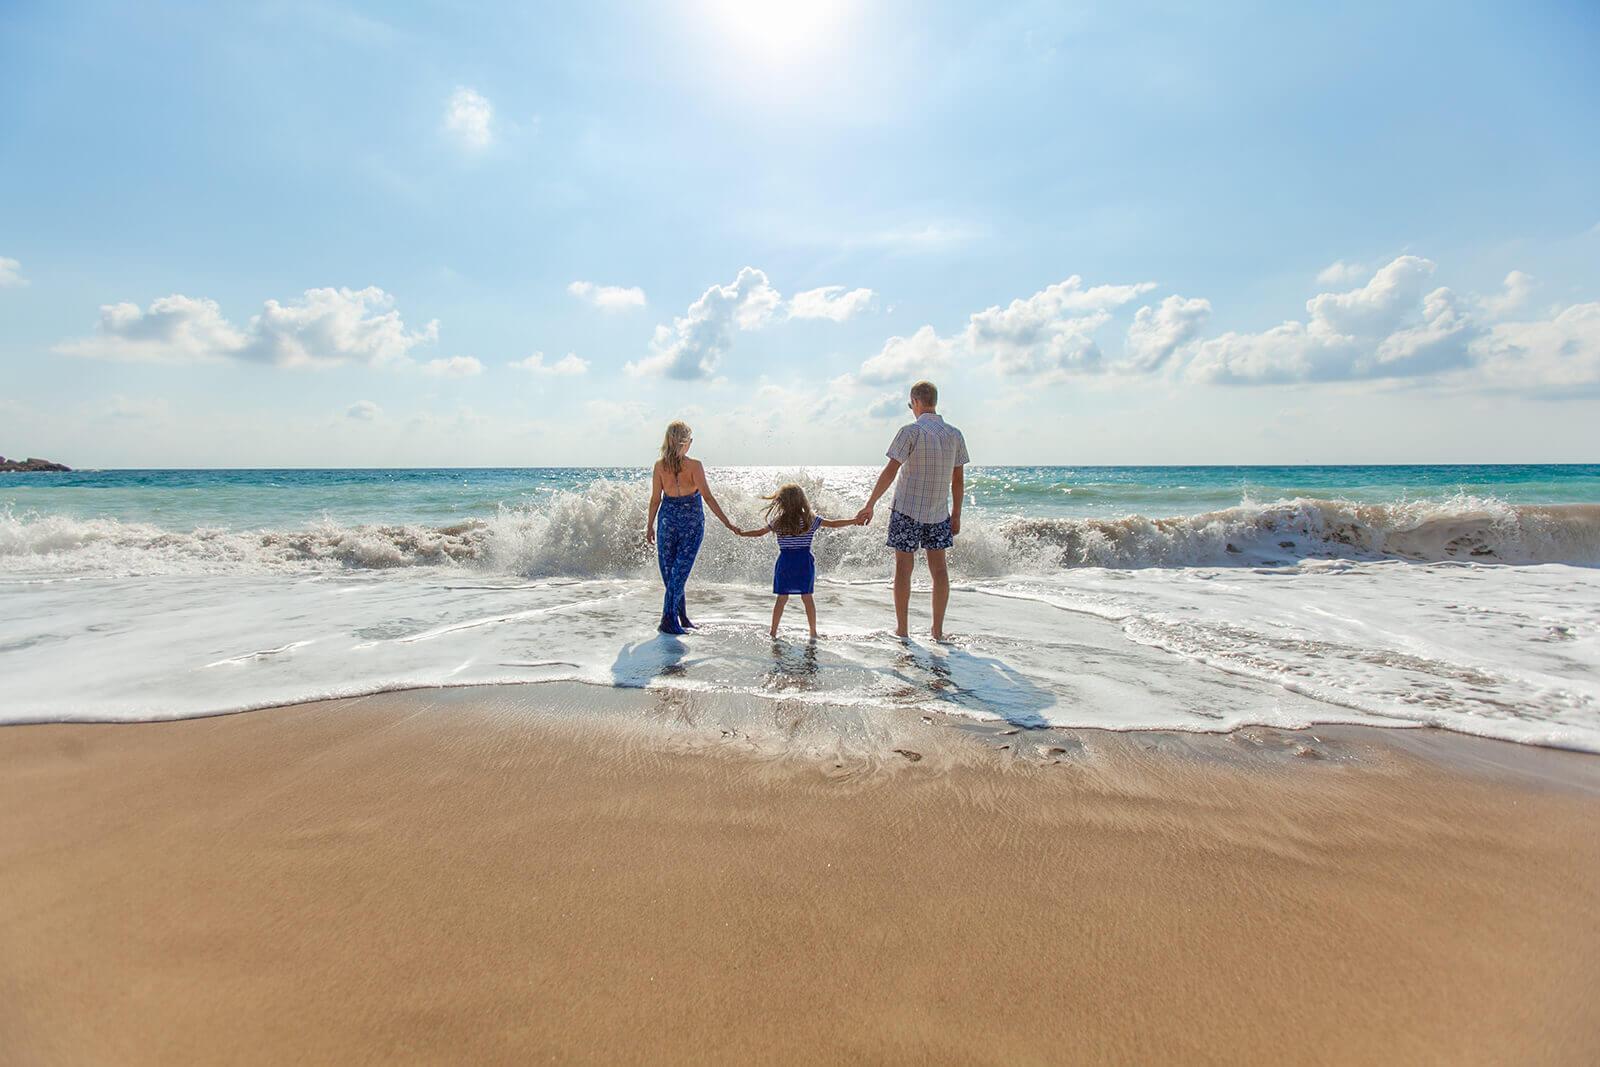 familia disfrutando en la playa